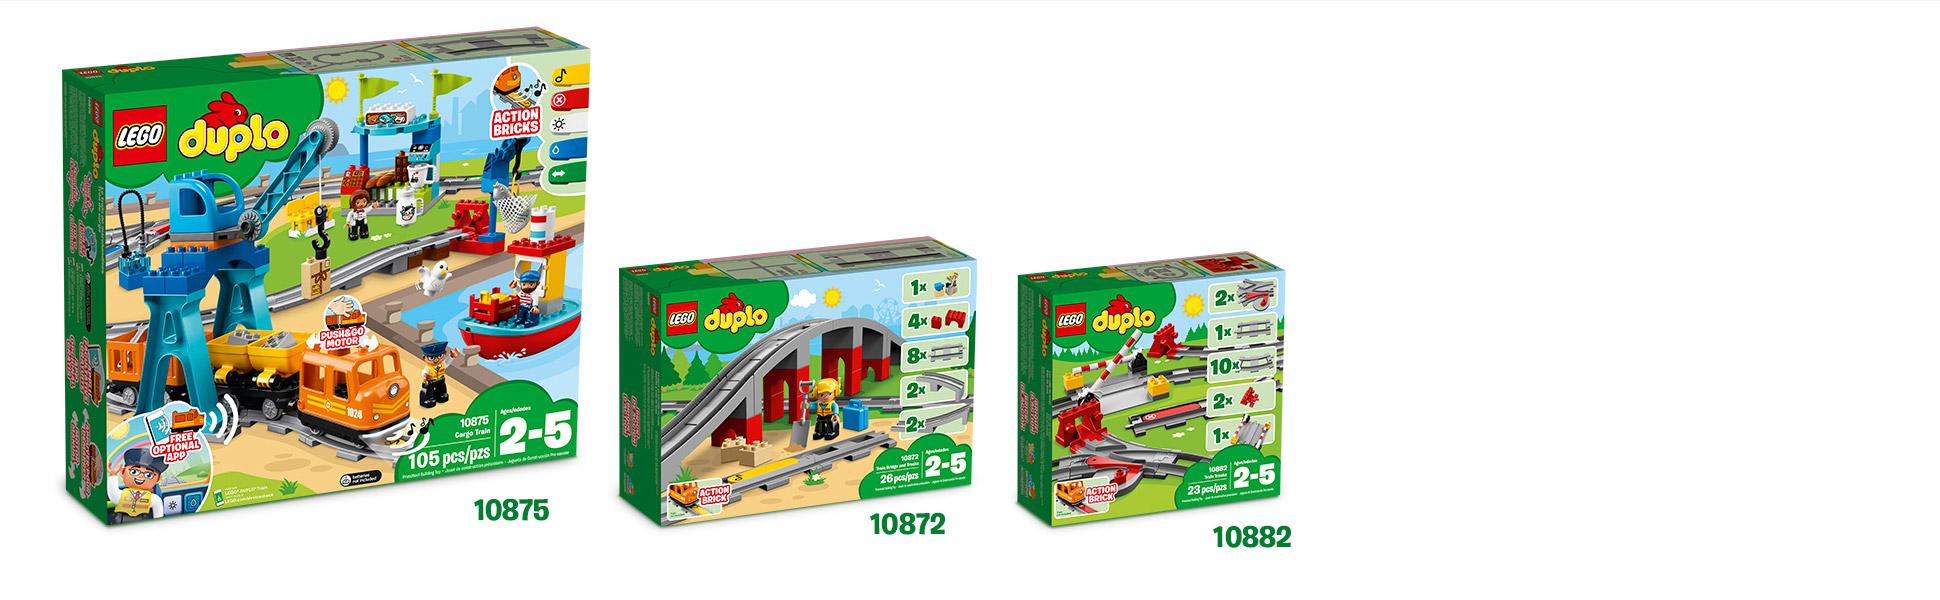 Поїзд і колії, що входять до комплекту, сумісні з існуючими поїздами LEGO® DUPLO®